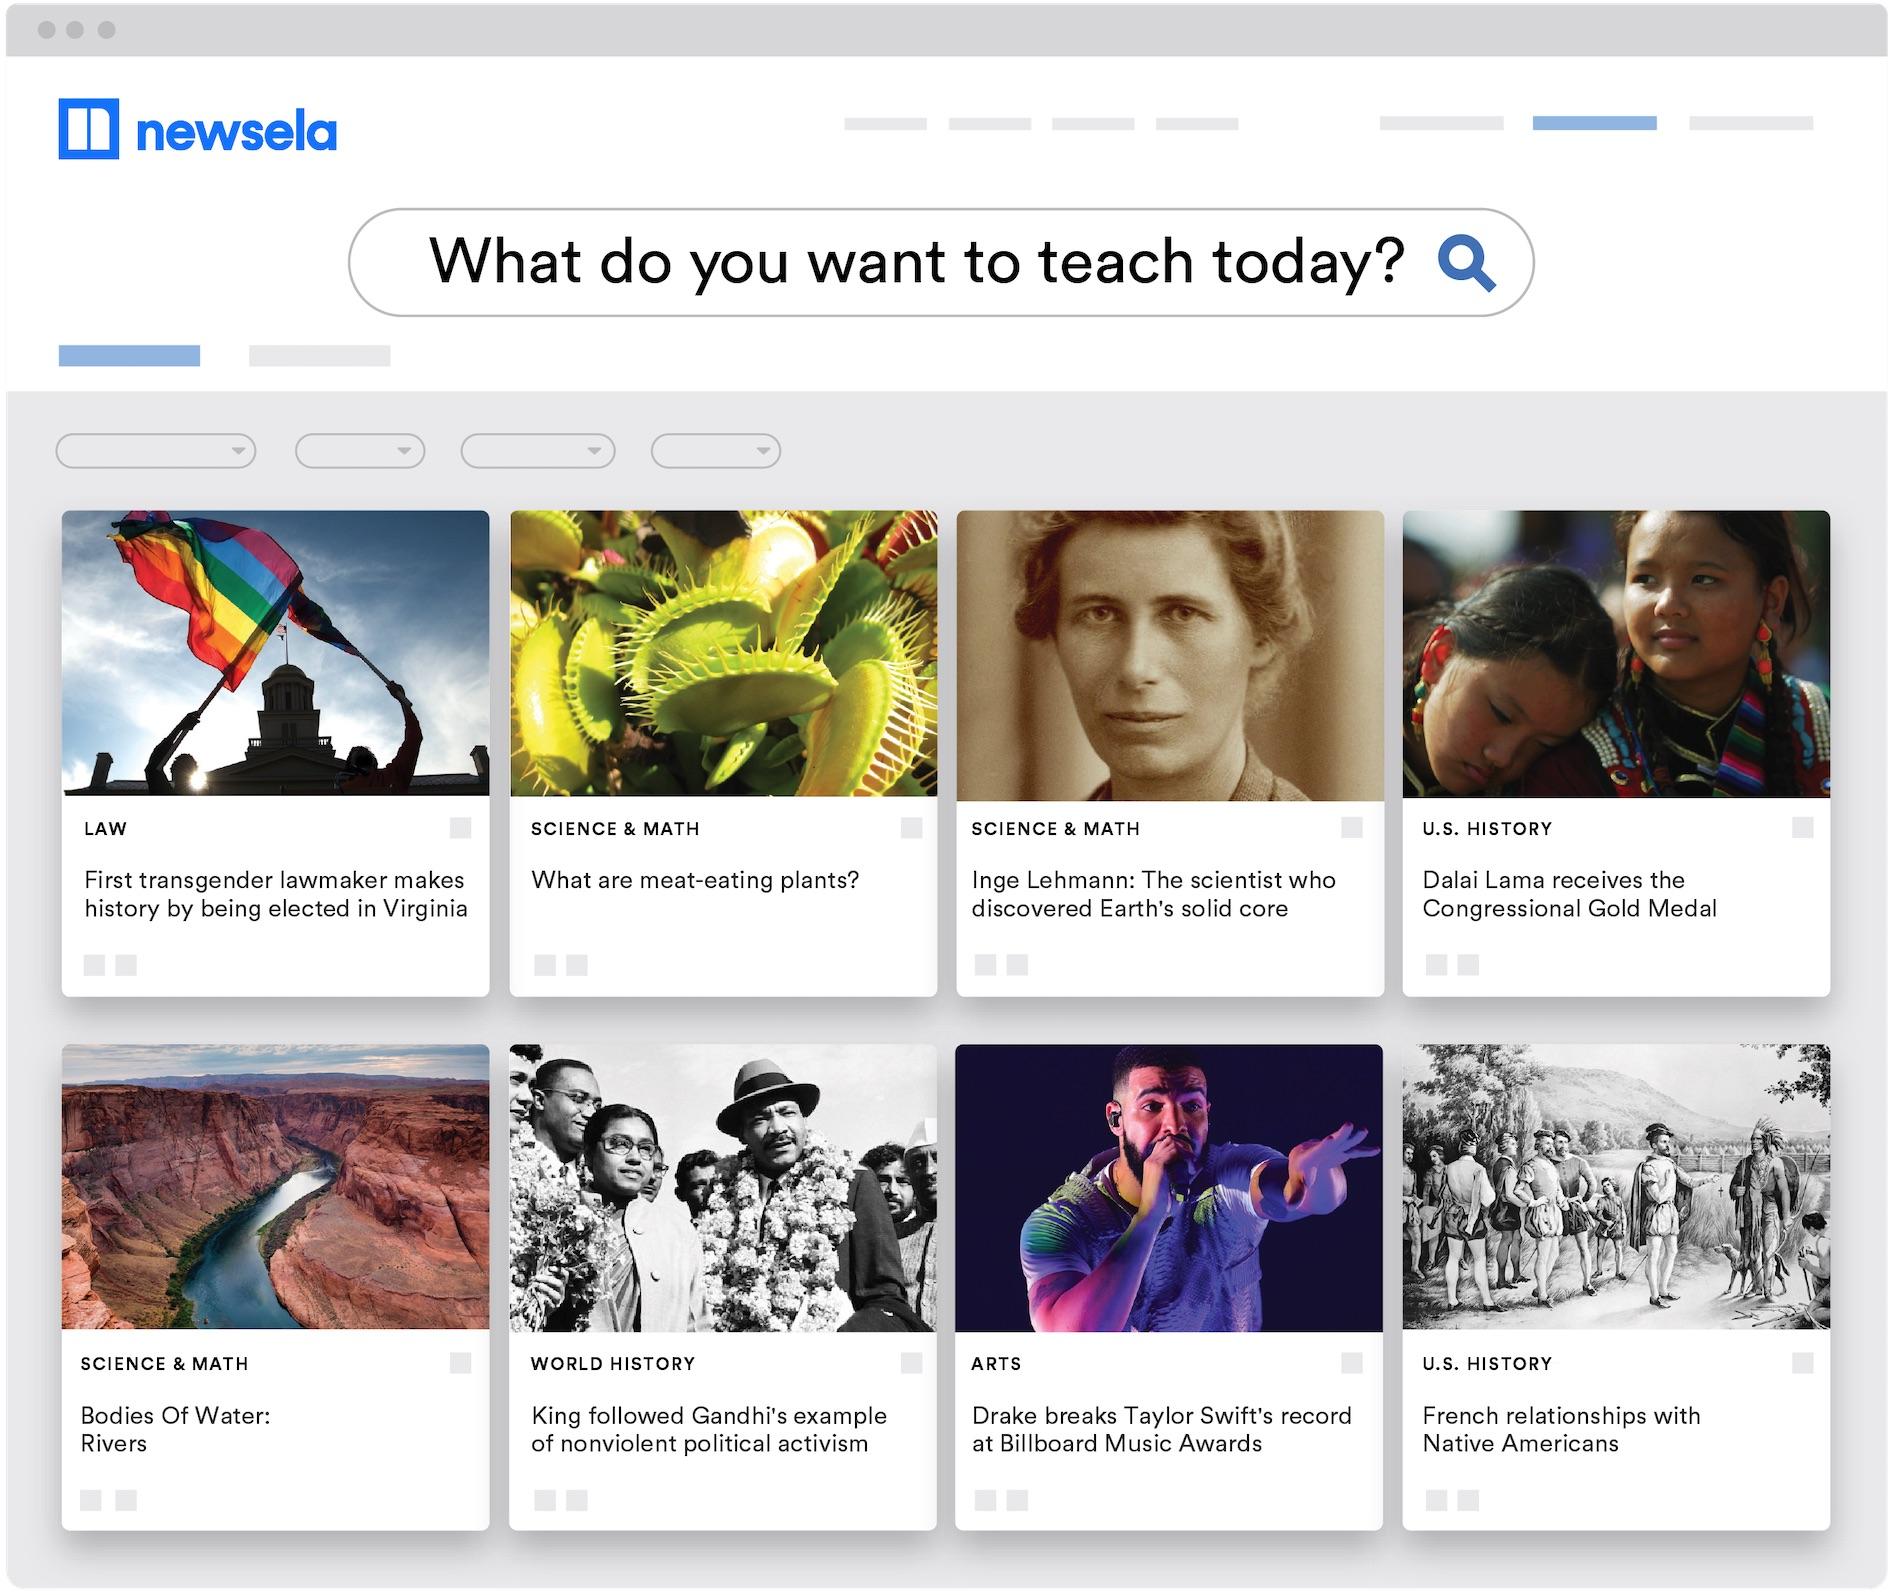 Giao diện của Newsela với những chủ đề giáo dục khác nhau. Ảnh: Newsela.